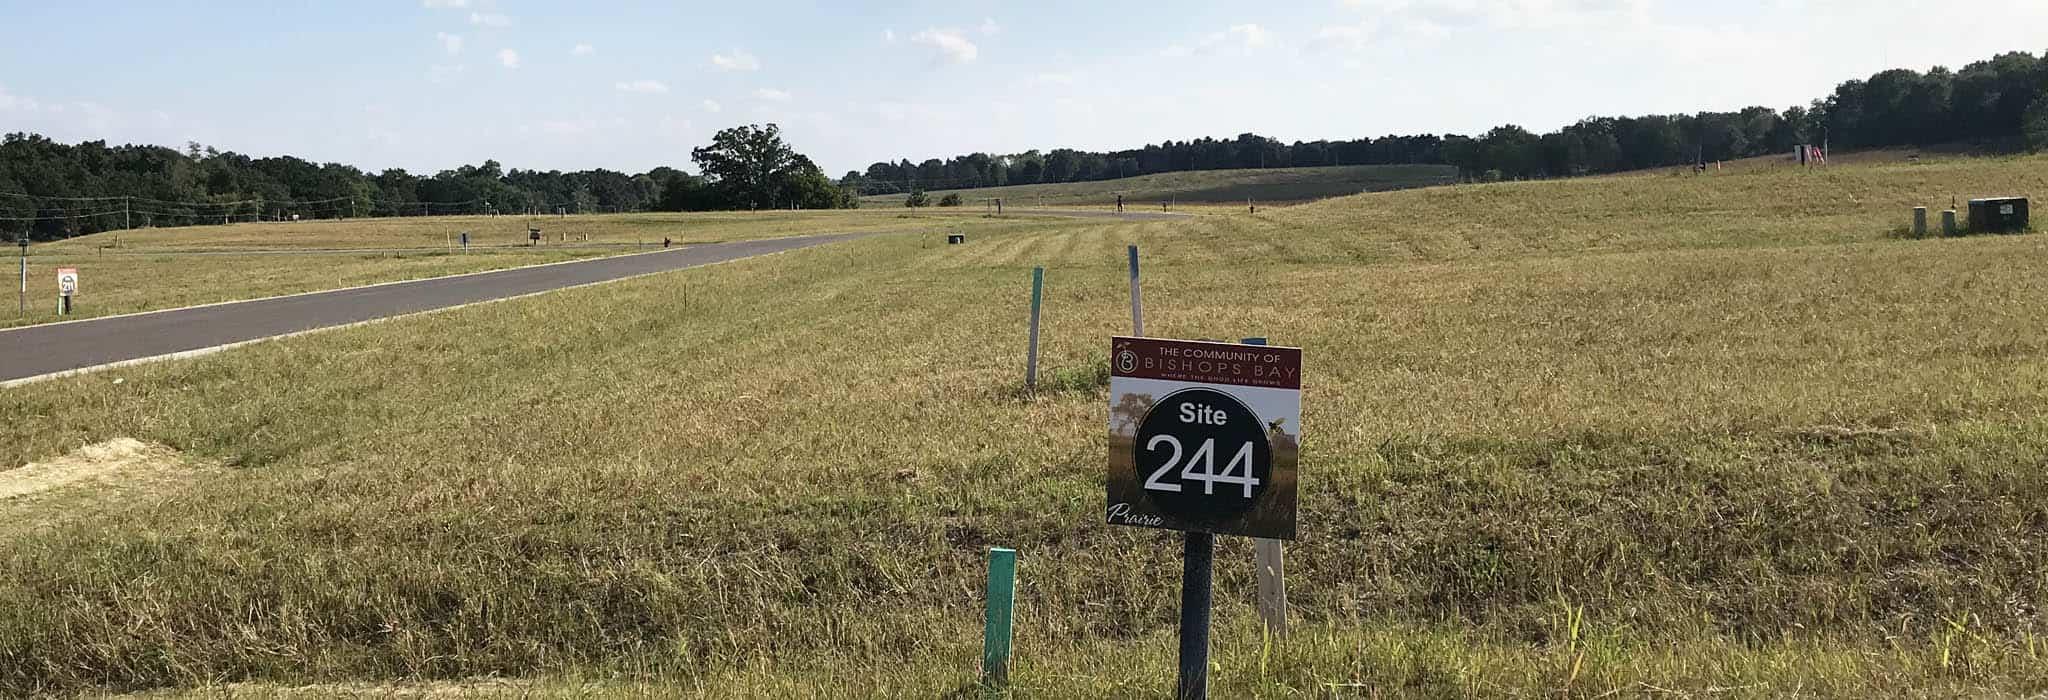 Prairie Lot 244